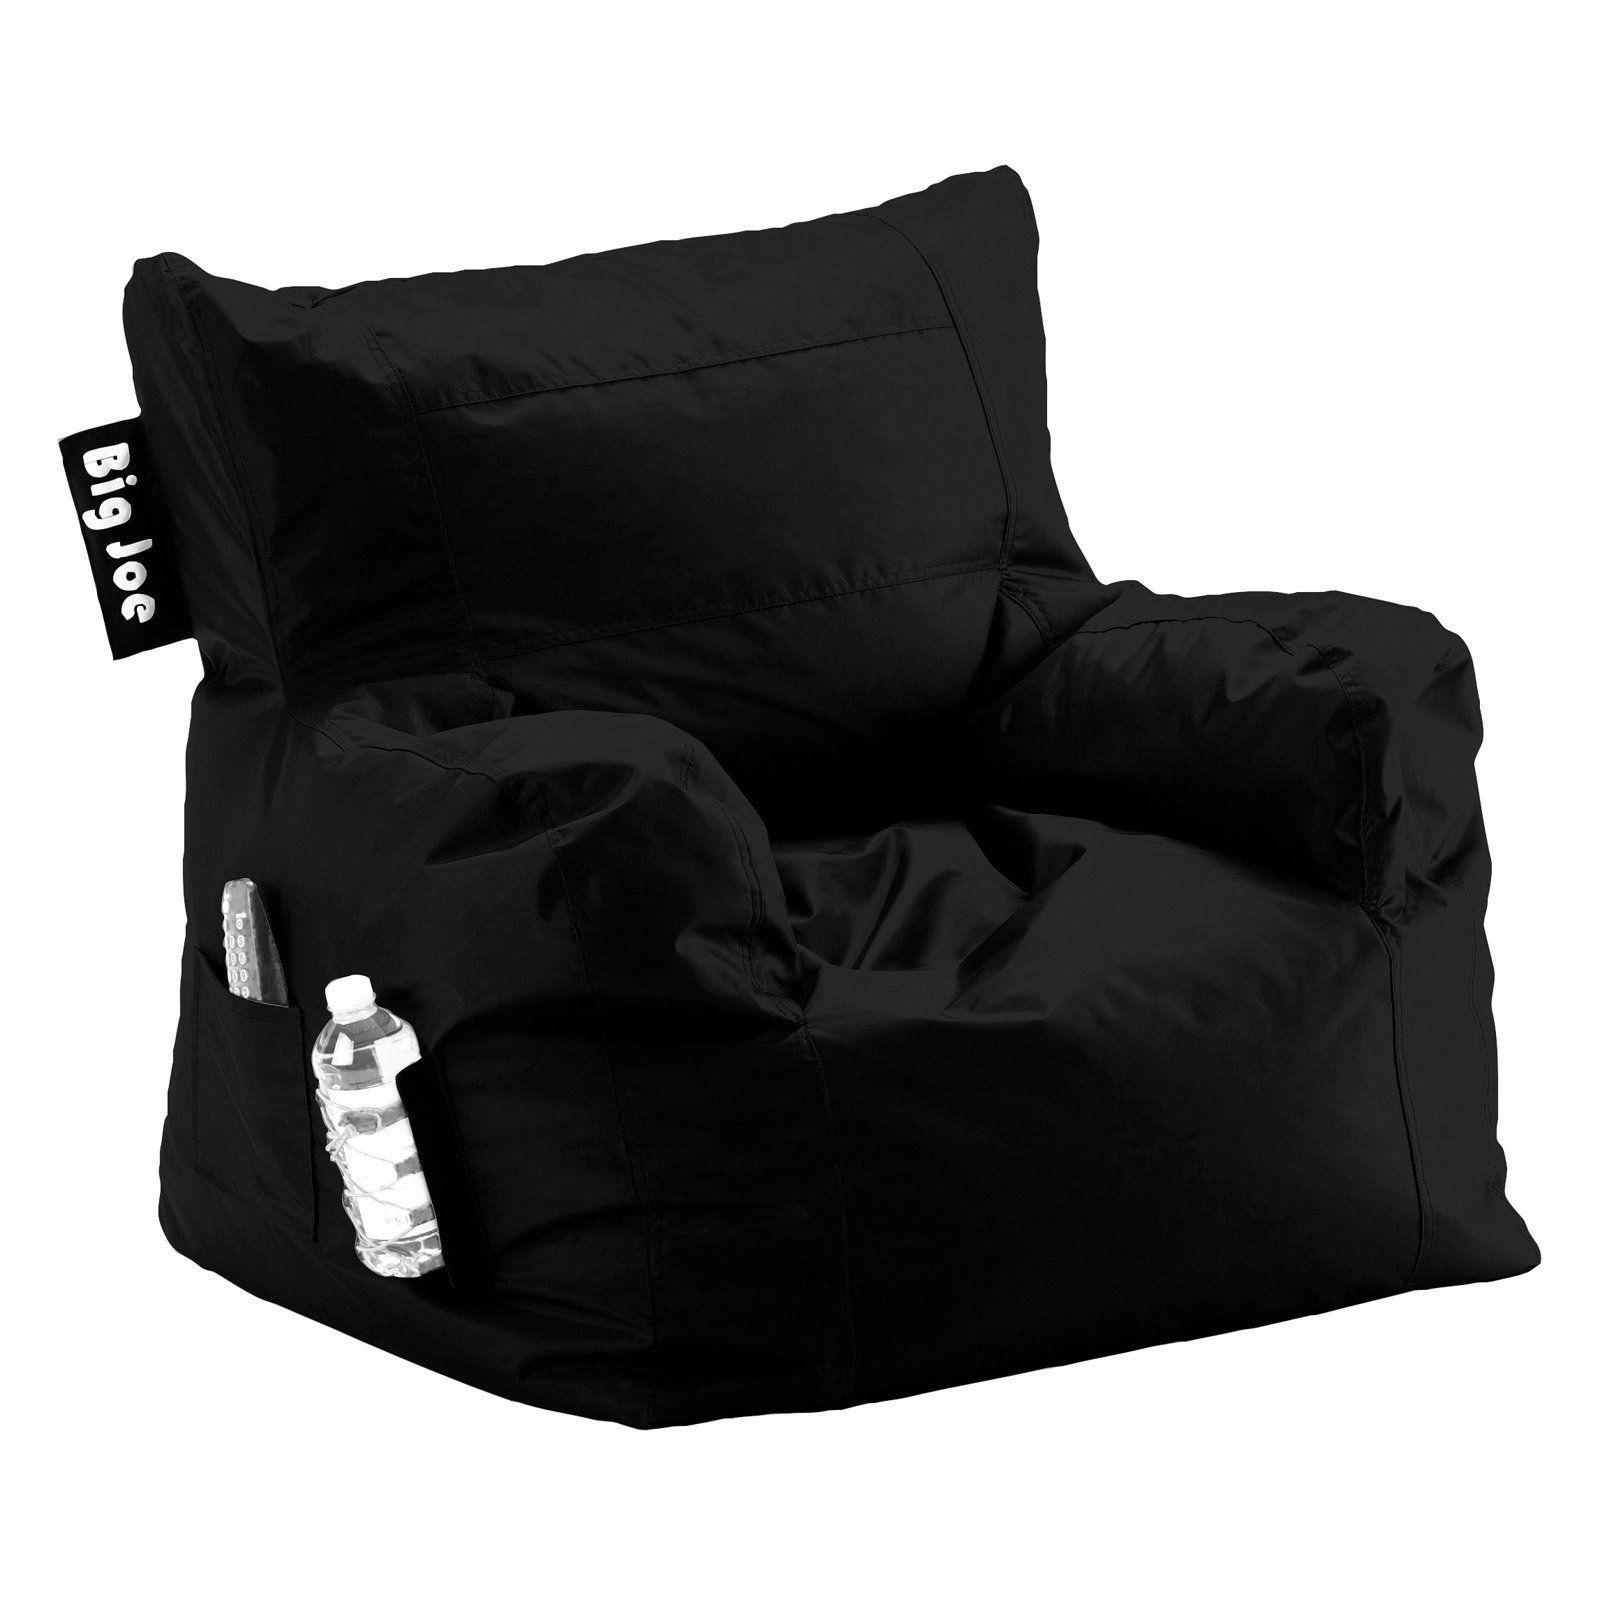 Big Joe Dorm Bean Bag Chair Dorm chairs, Bean bag chair